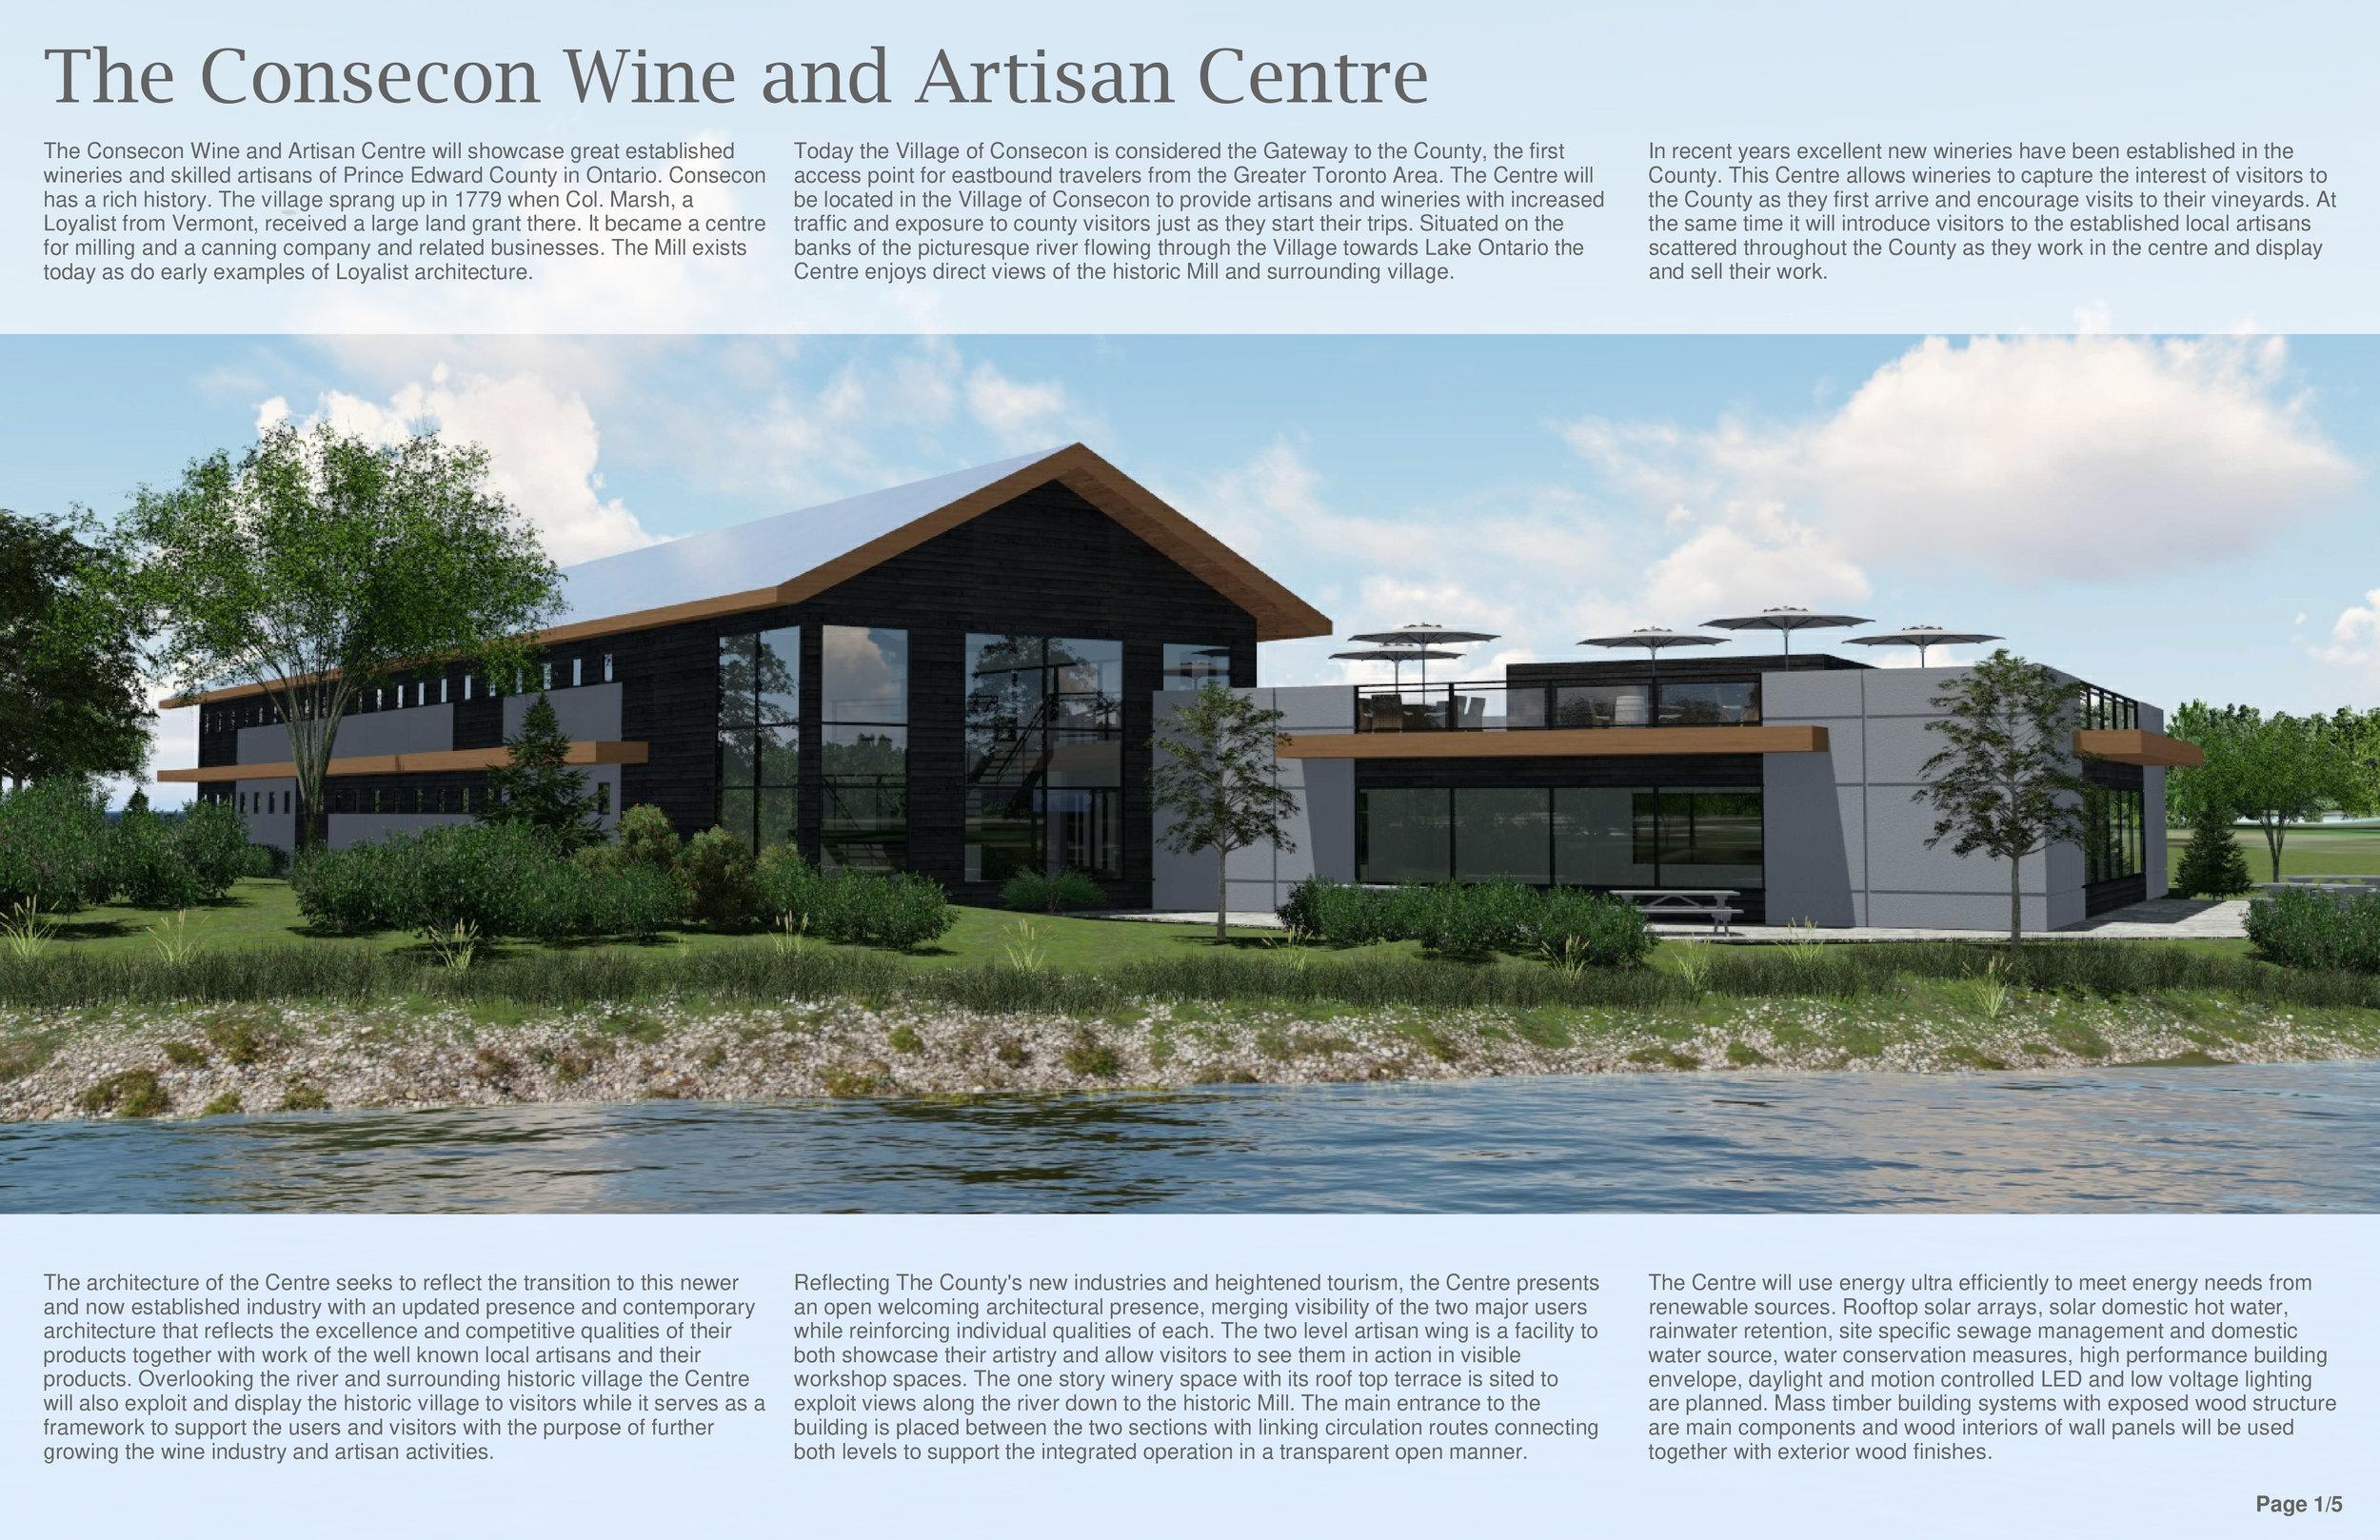 CONSECON WINE & ARTISAN CENTRE - 09-18-18 - AWARD OF EXCELLENCE-1.jpg